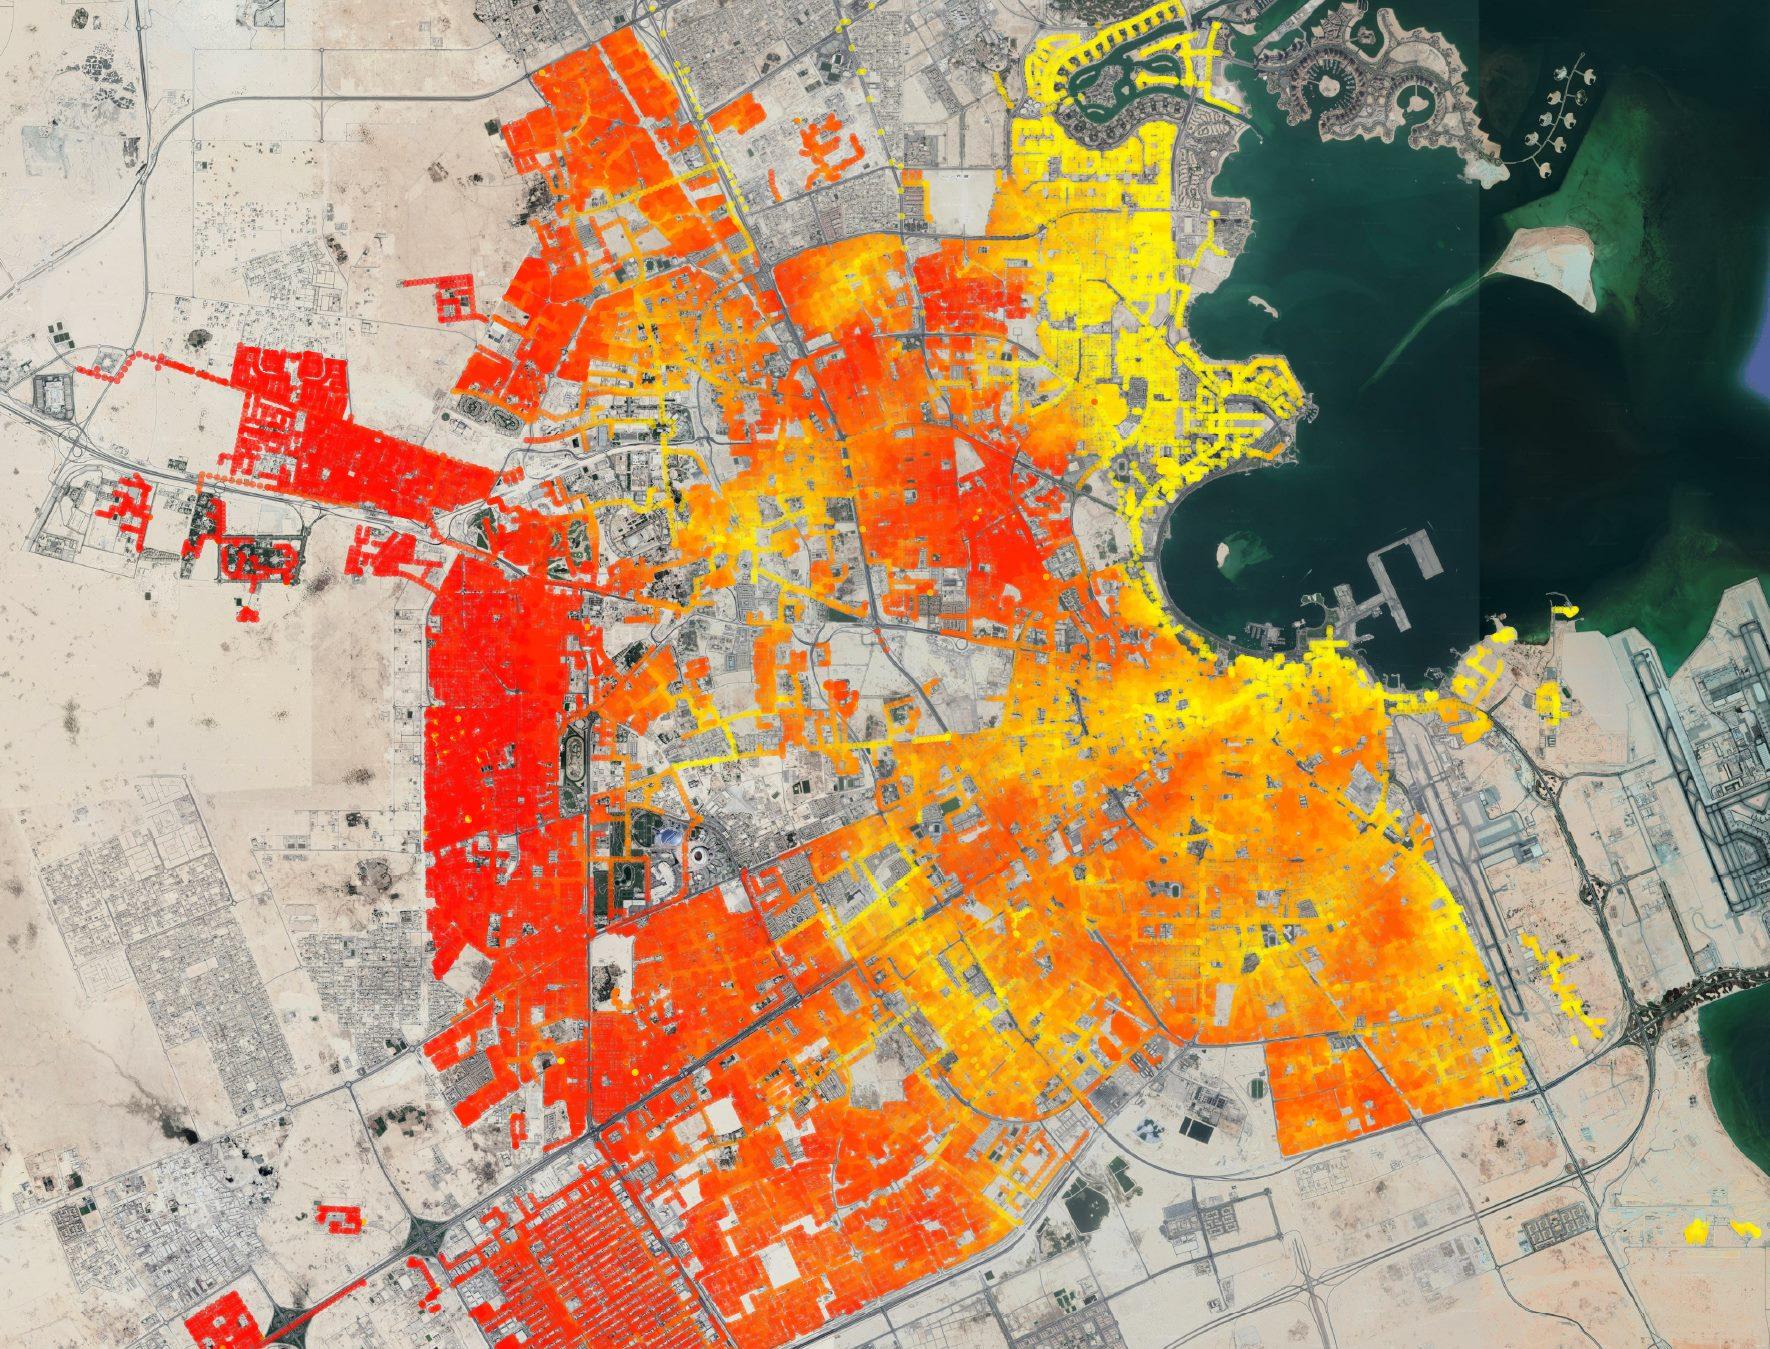 Gestão e Controlo de Odor no sistema de drenagem de águas residuais de Doha